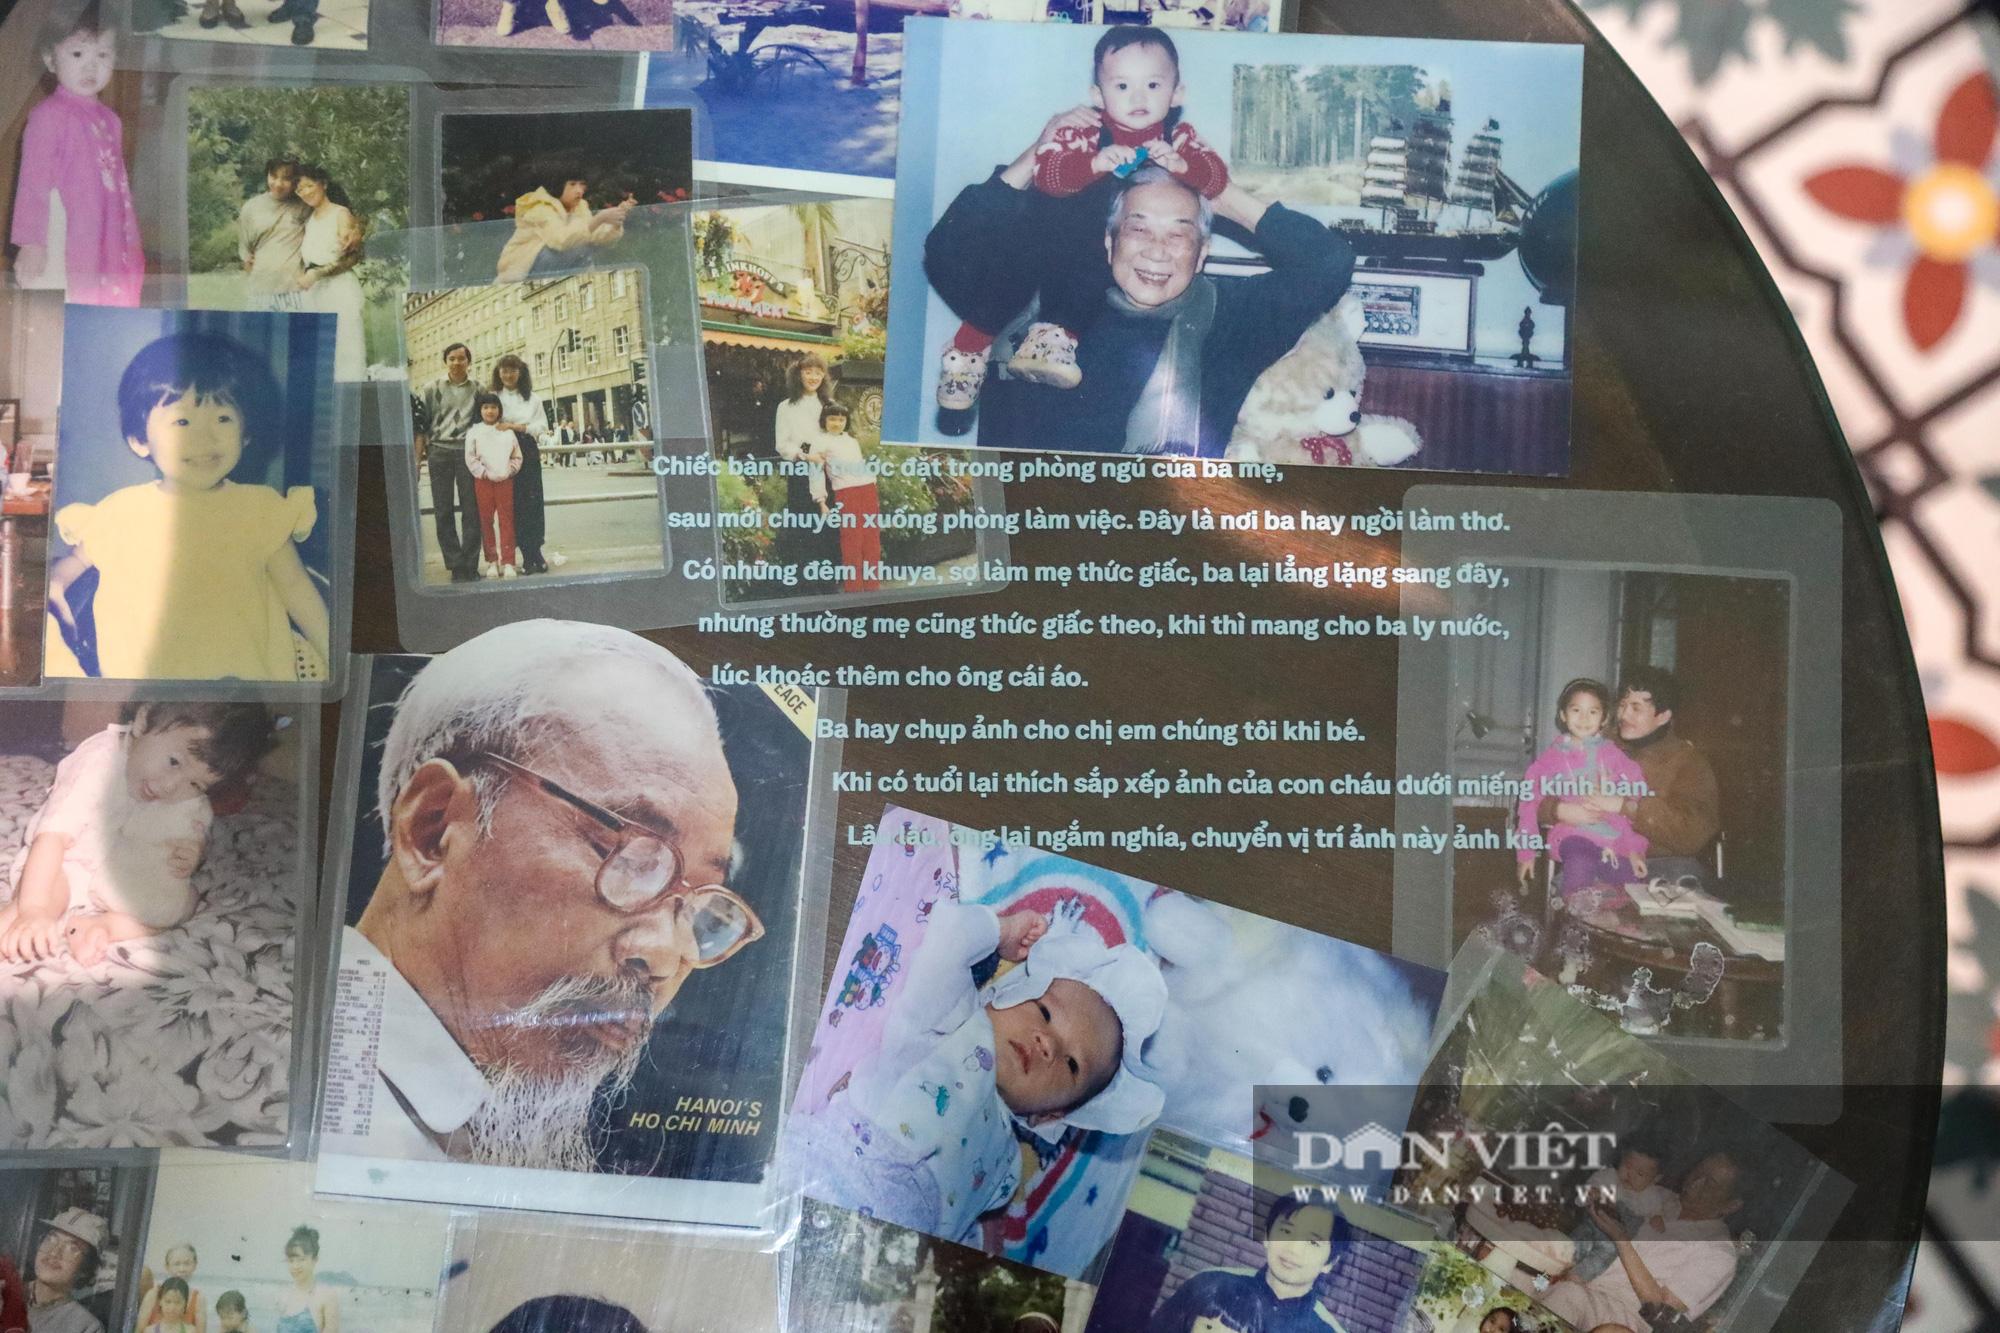 """Chiêm ngưỡng """"bảo tàng thơ"""" Tố Hữu mới xuất hiện tại Hà Nội - Ảnh 13."""